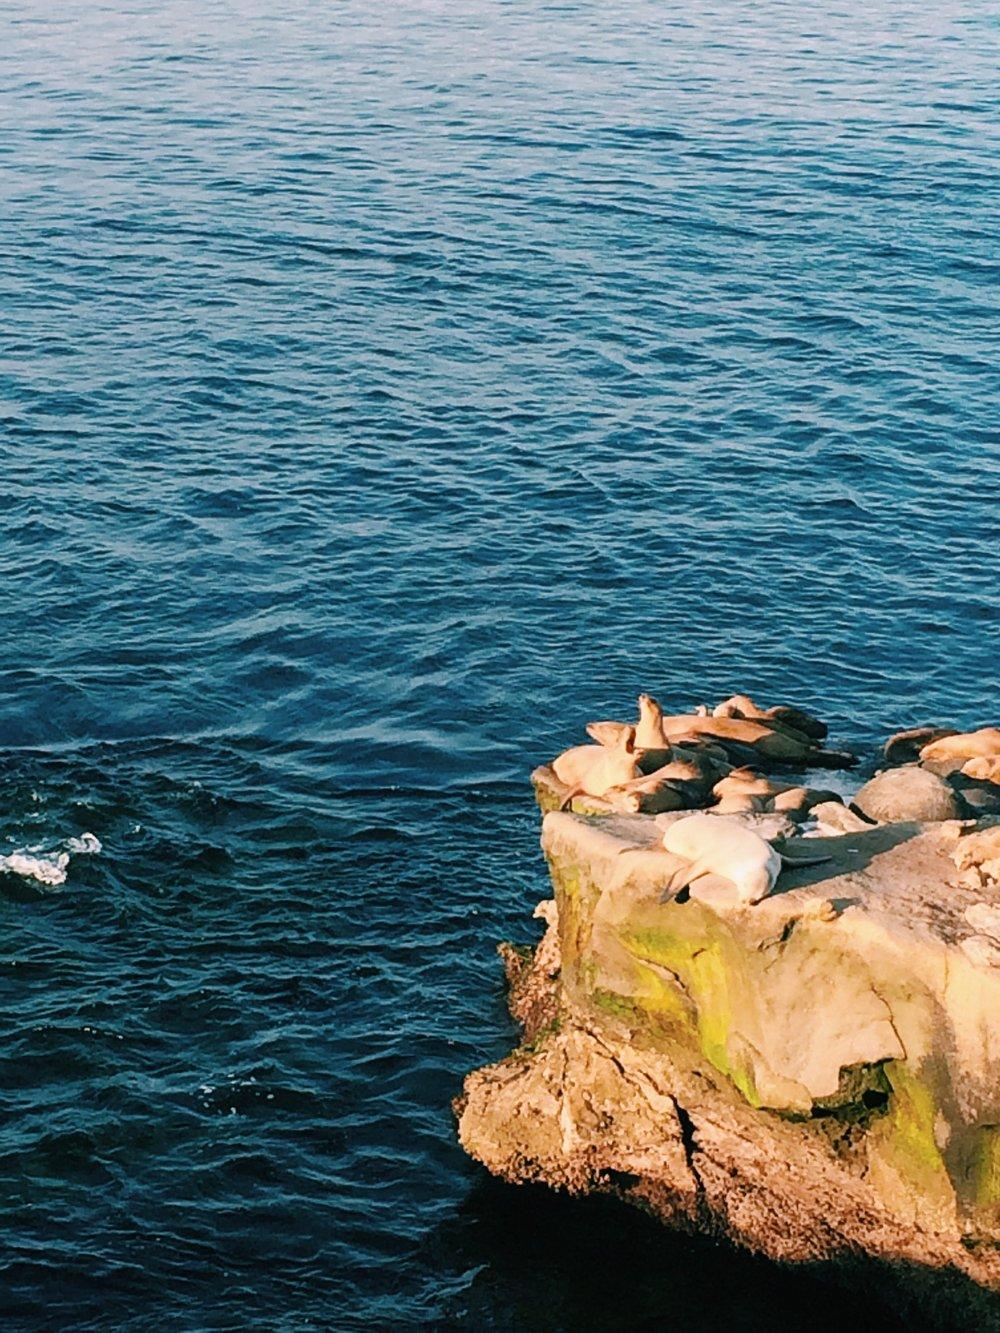 More sea dogs.